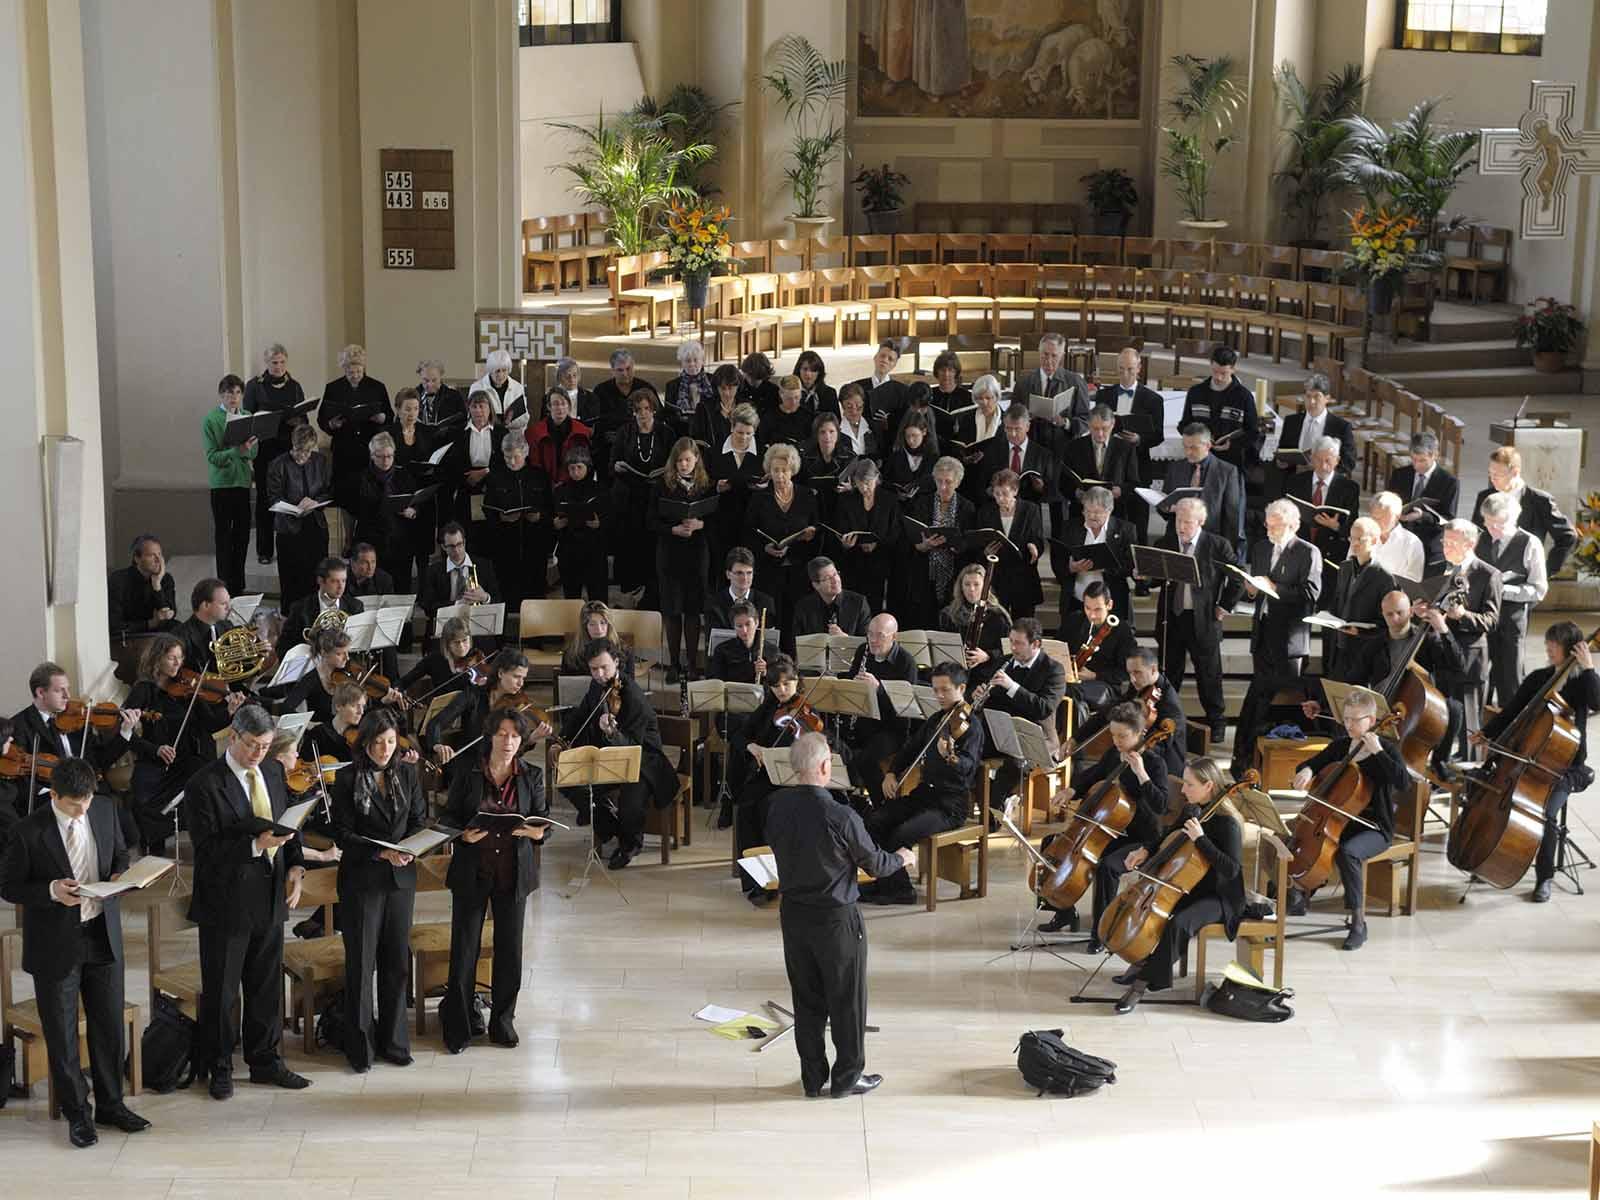 Der Cantamus-Chor probt gemeinsam mit Orchester und Solisten in der Kirche Guthirt.